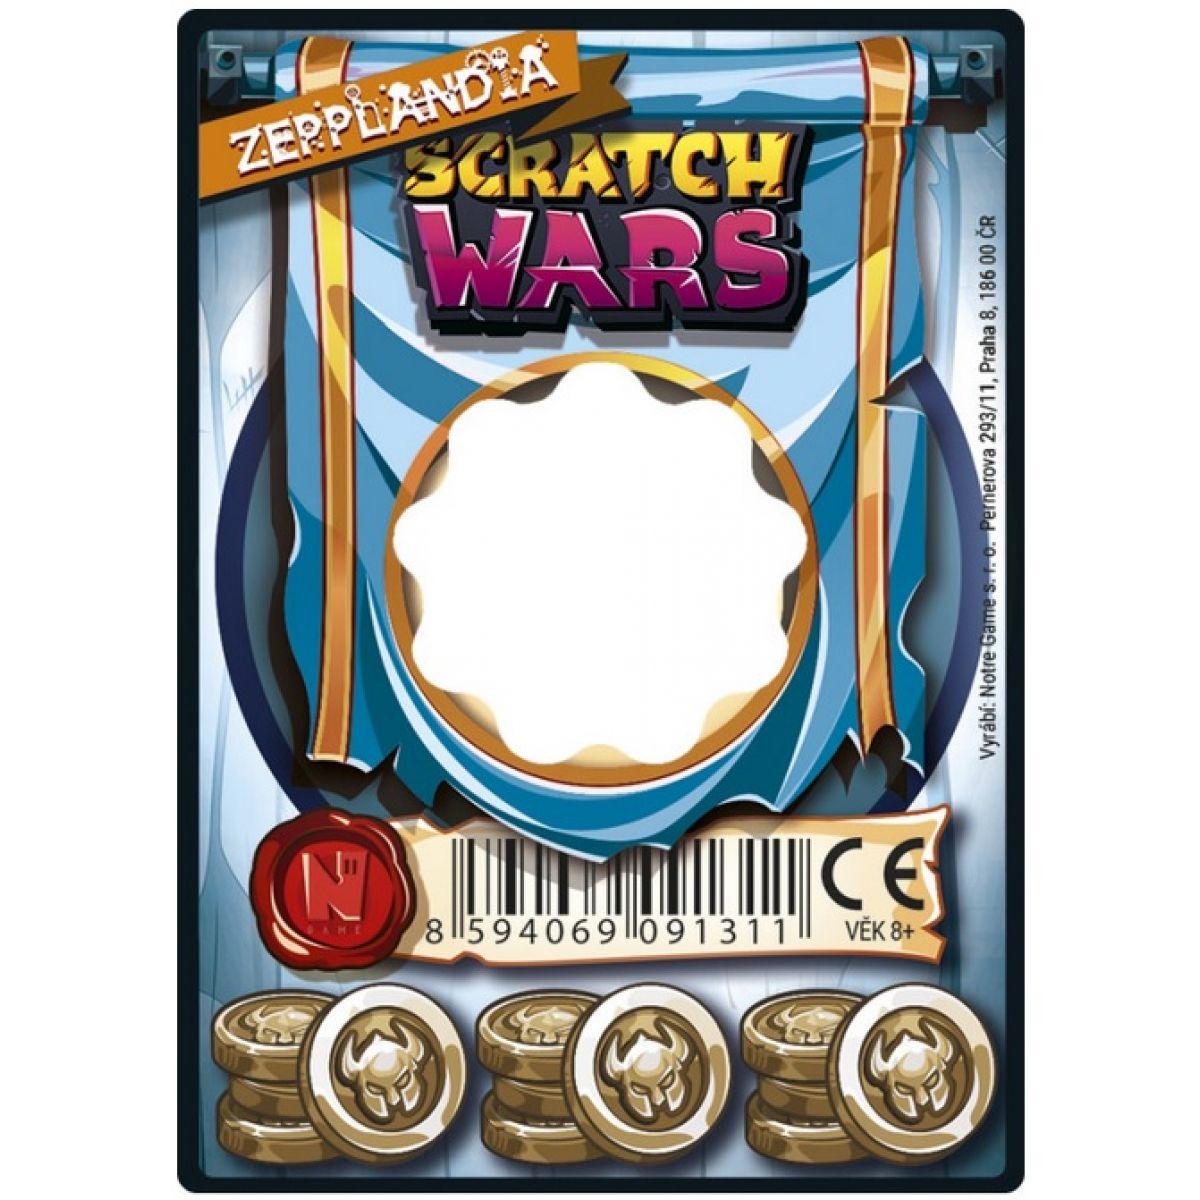 Scratch Wars Karta zbrane Zepplandia